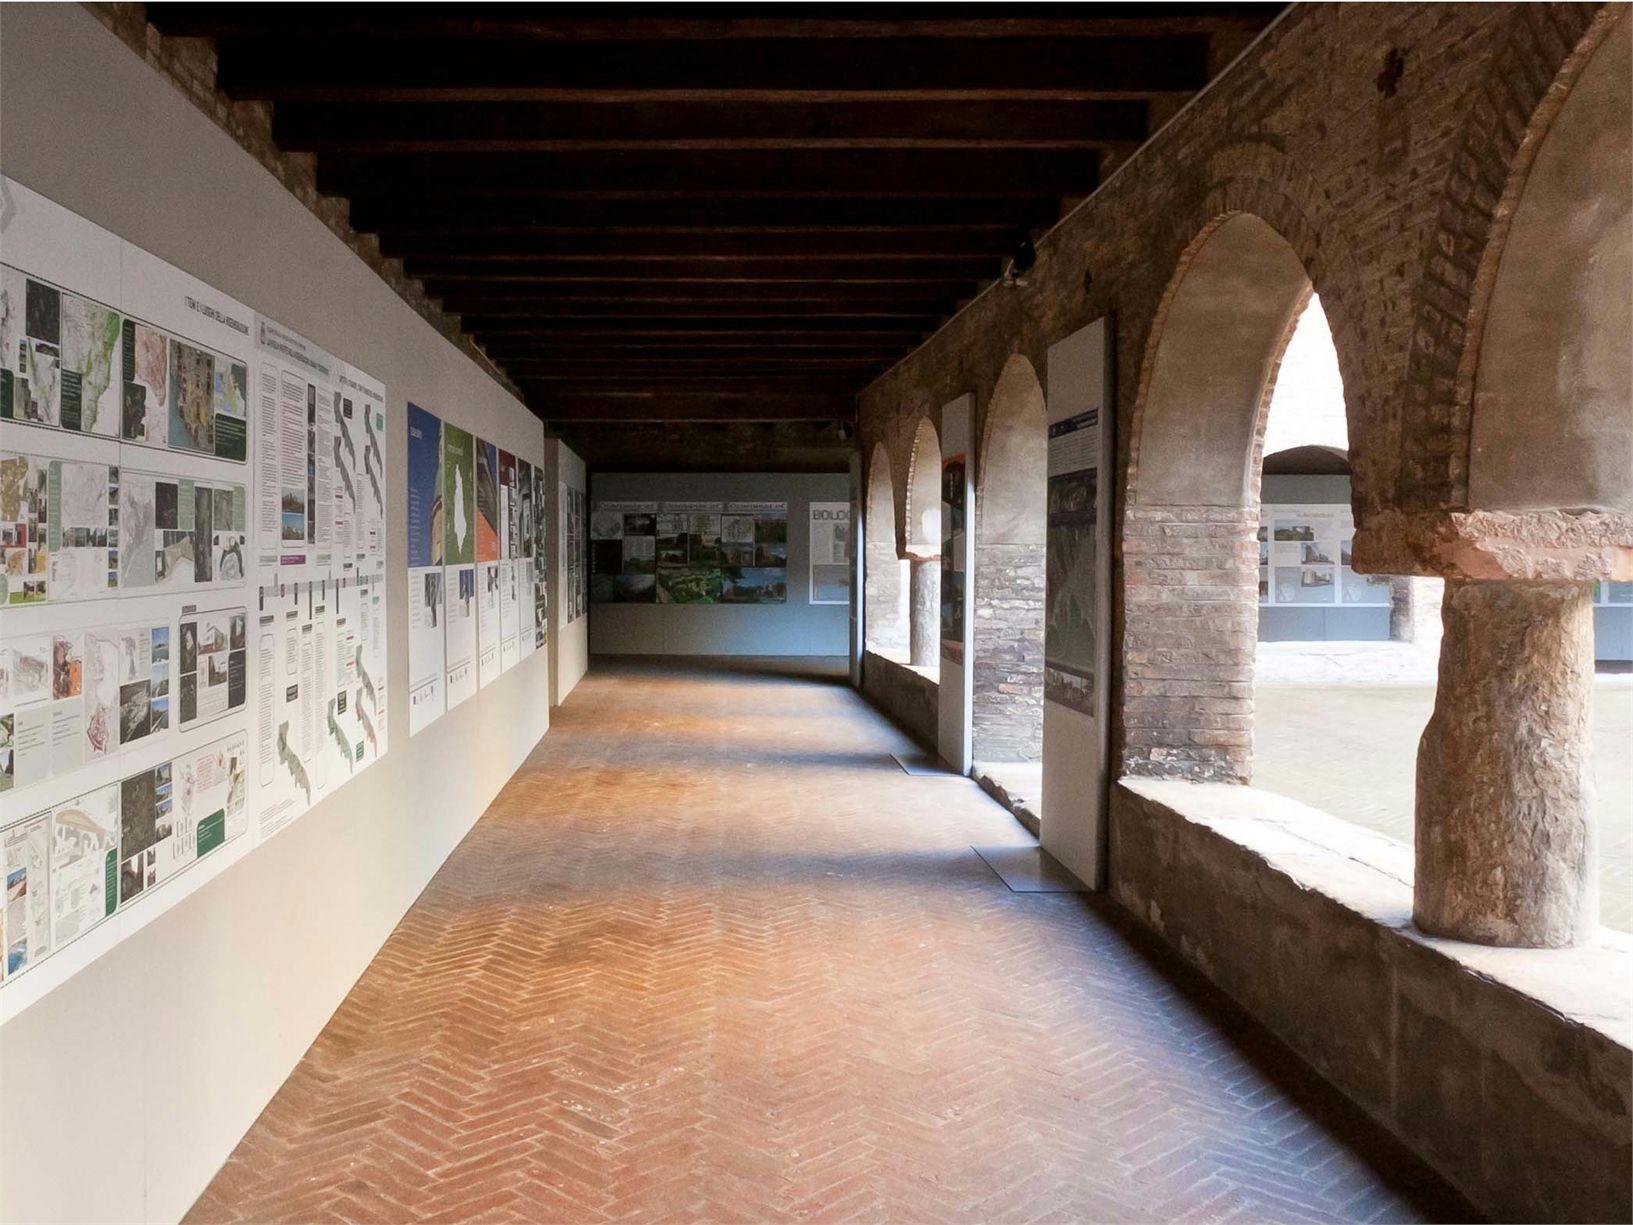 Urbanpromo 2012: al centro la rigenerazione urbana